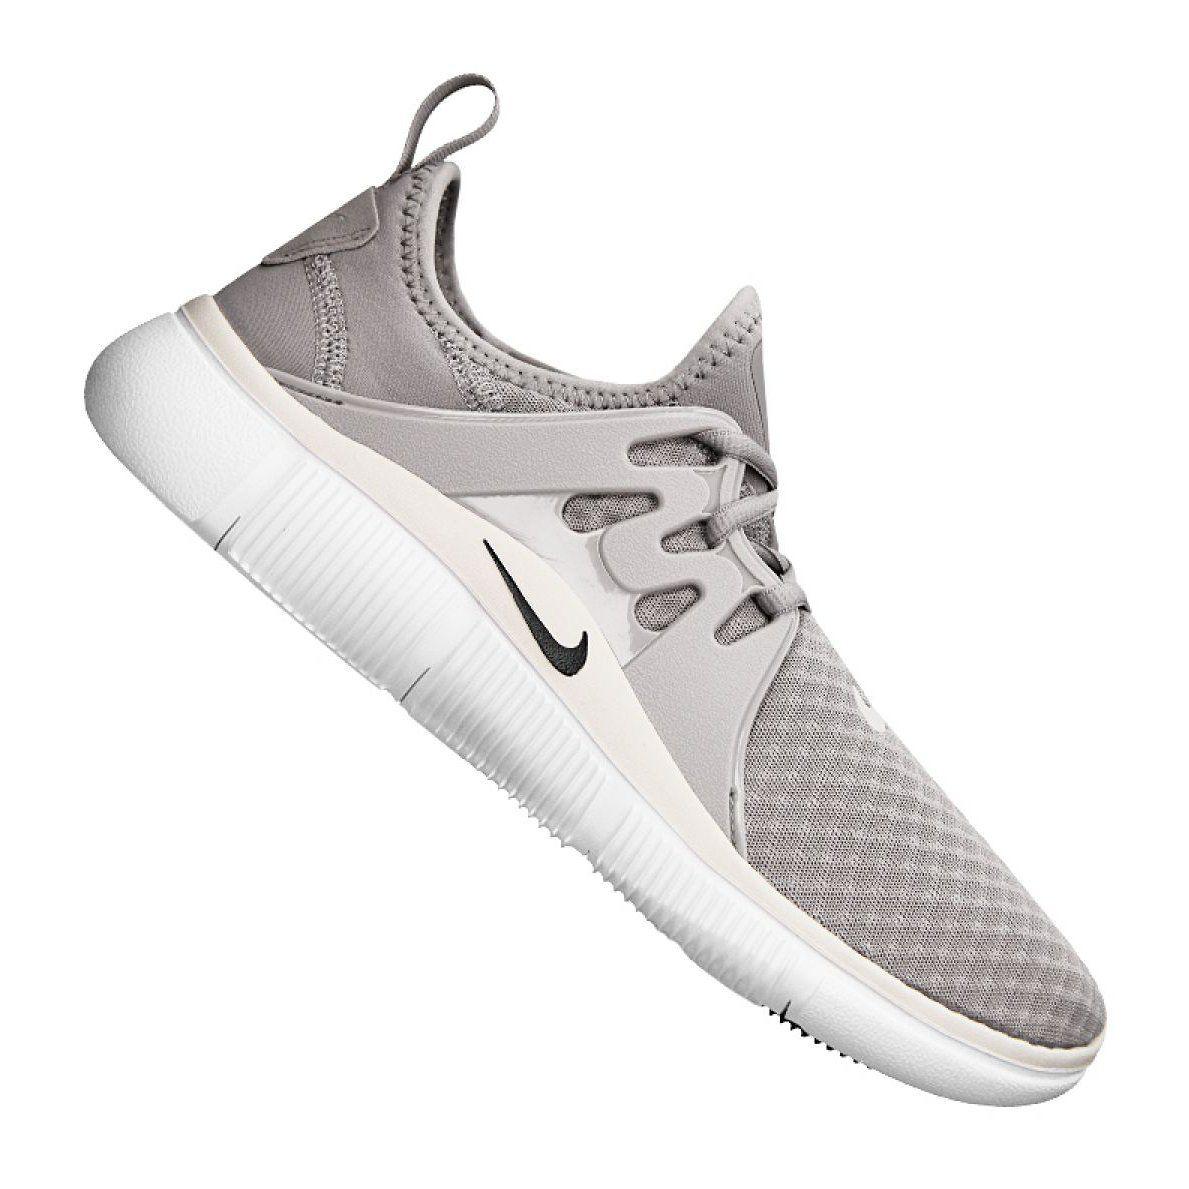 Nike Acalme M Aq2224 002 Shoes Grey Mens Nike Shoes Shoe Manufacturers Nike